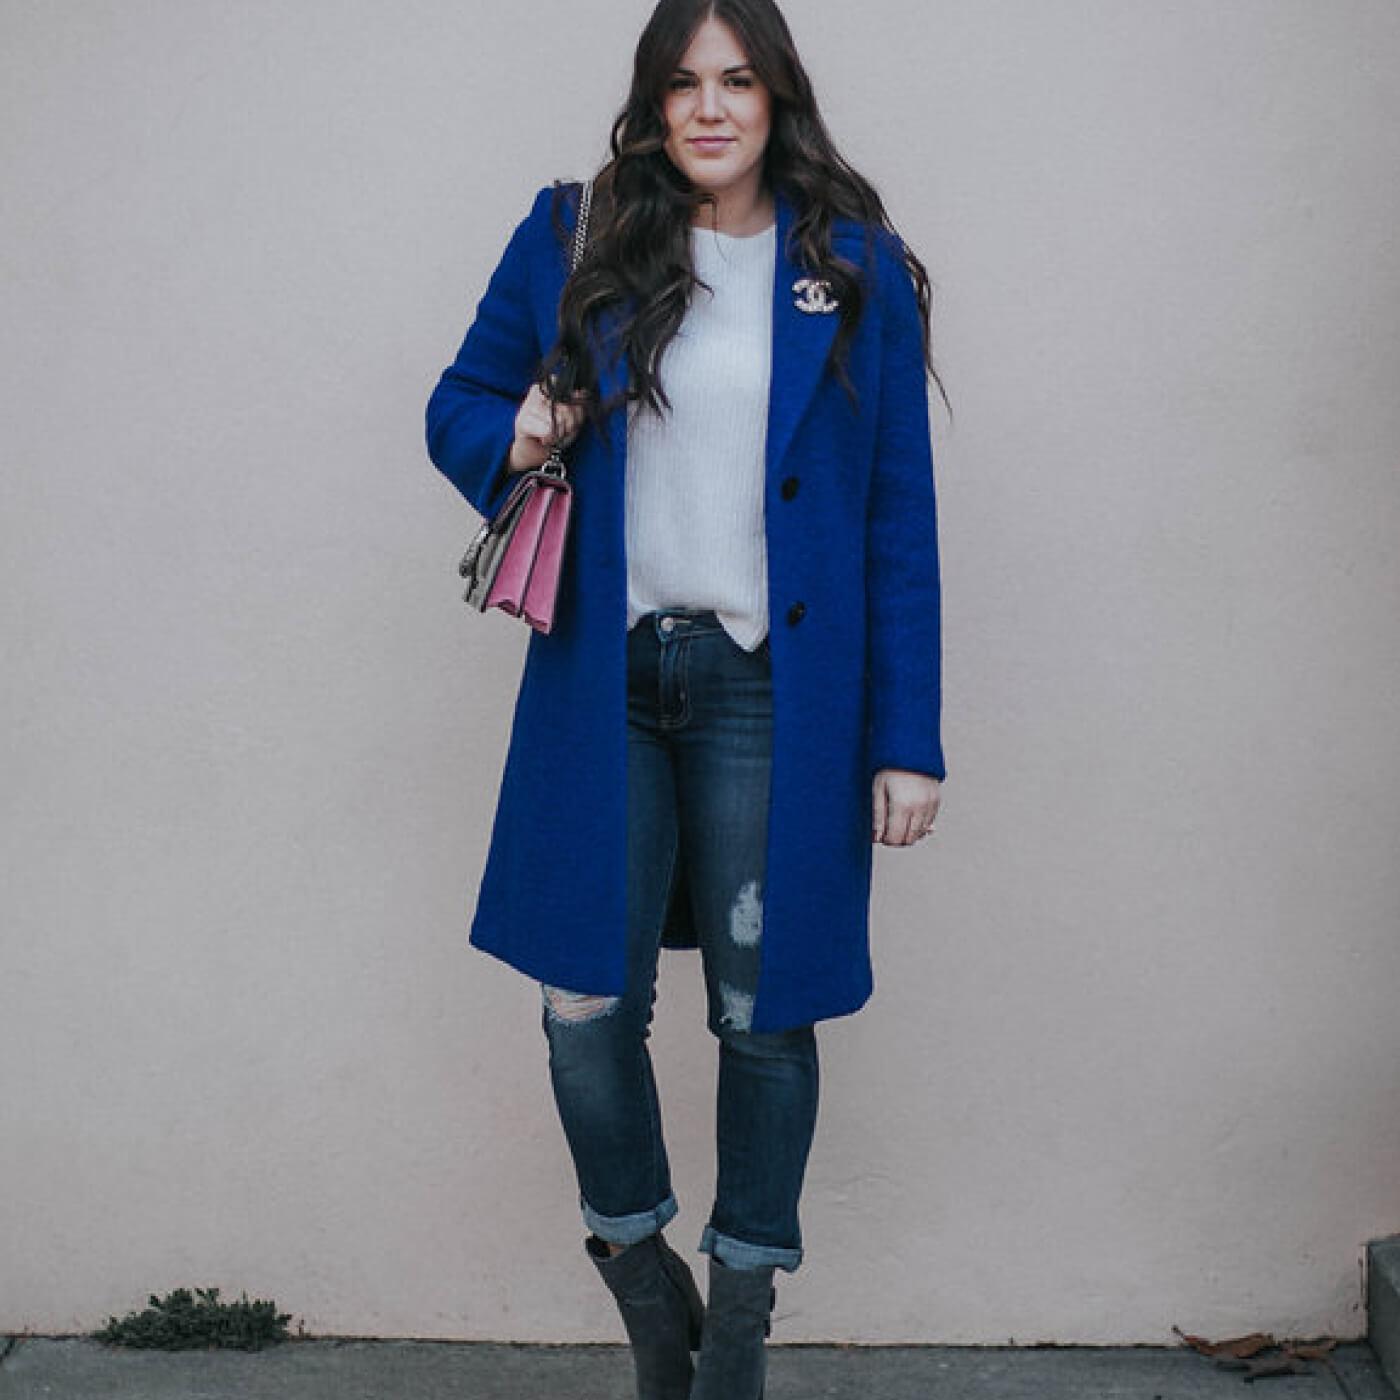 My Body My Style: Sarah Tripp